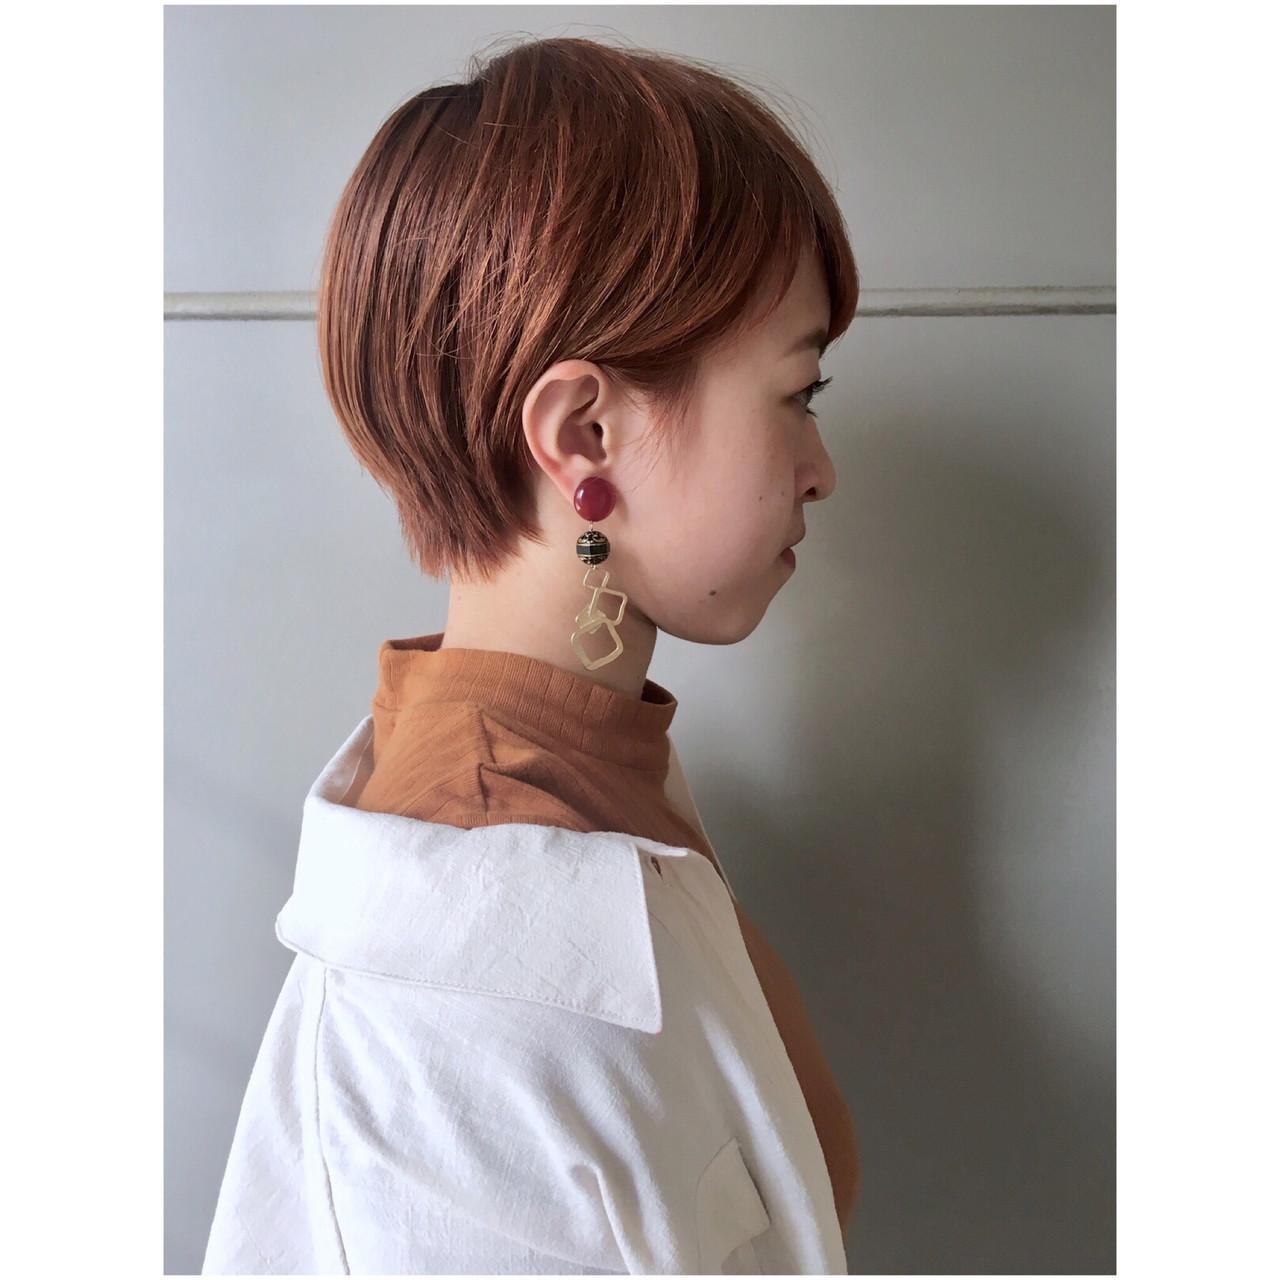 ナチュラル オレンジ オレンジベージュ ショートボブ ヘアスタイルや髪型の写真・画像 | Yumi Hiramatsu / Sourire Imaizumi【スーリール イマイズミ】